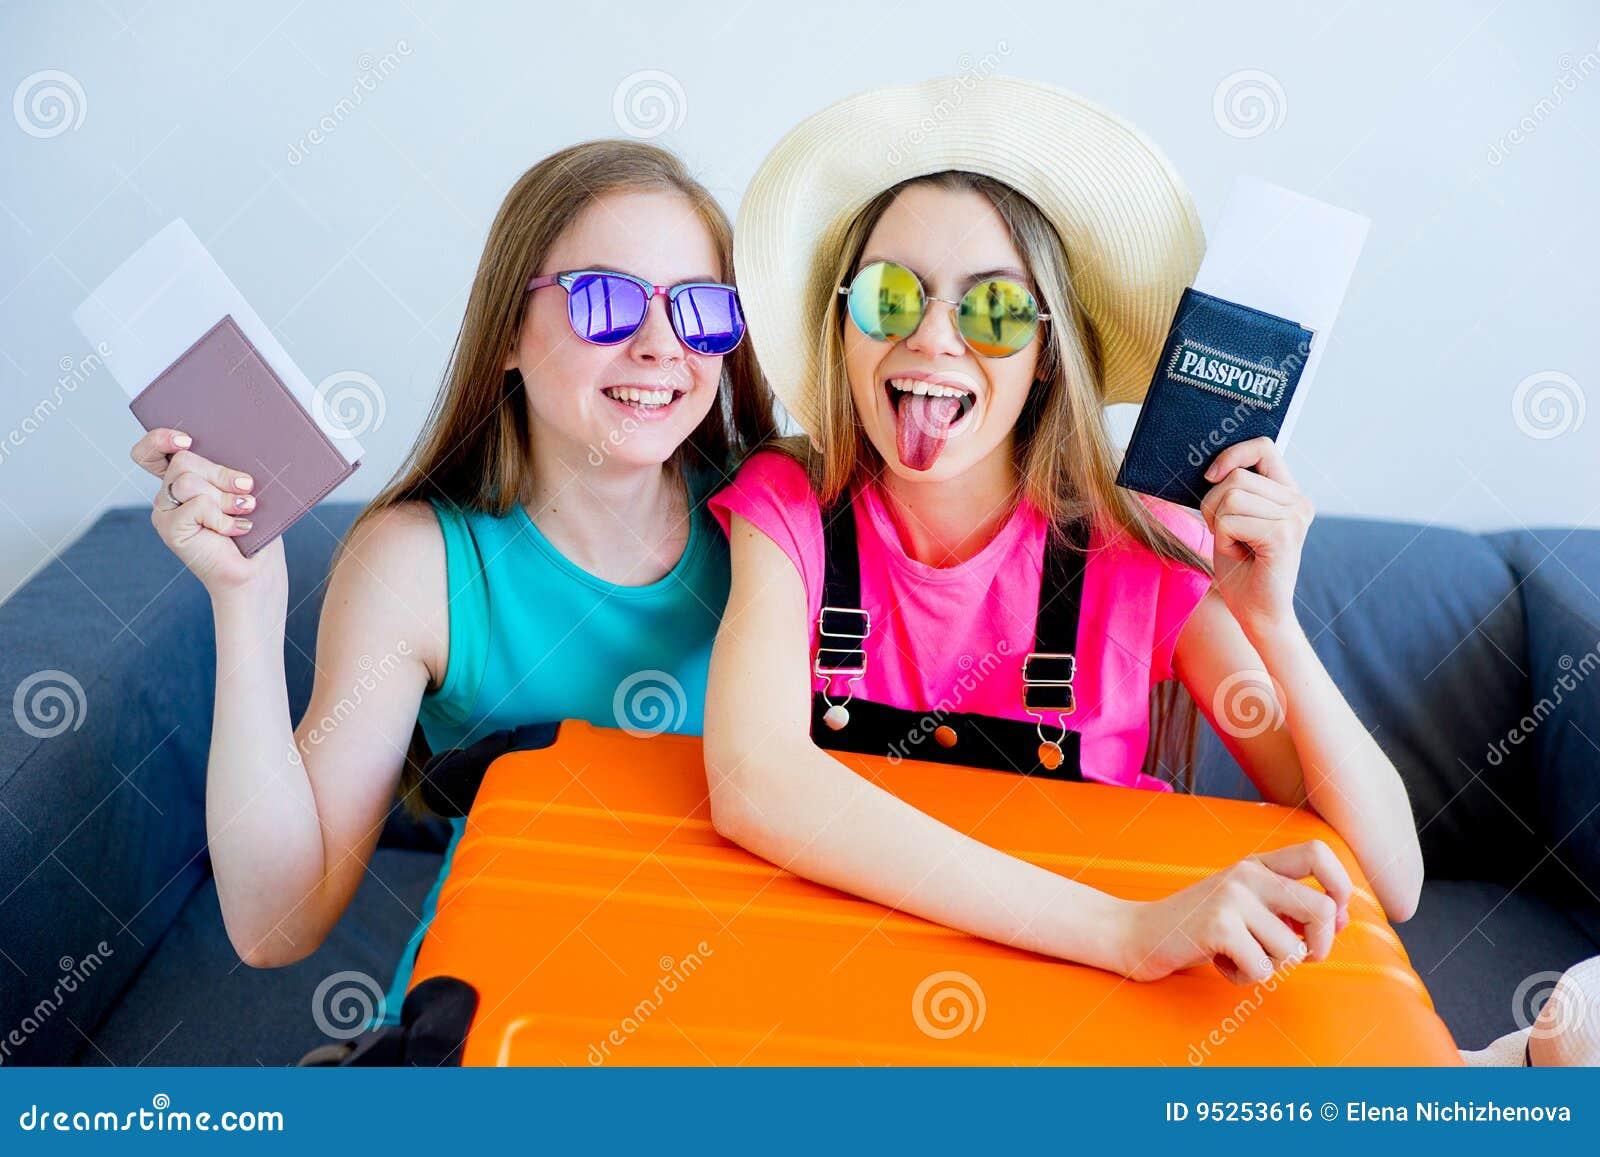 Пакуй чемоданы скачать чемоданы римова купить в москве